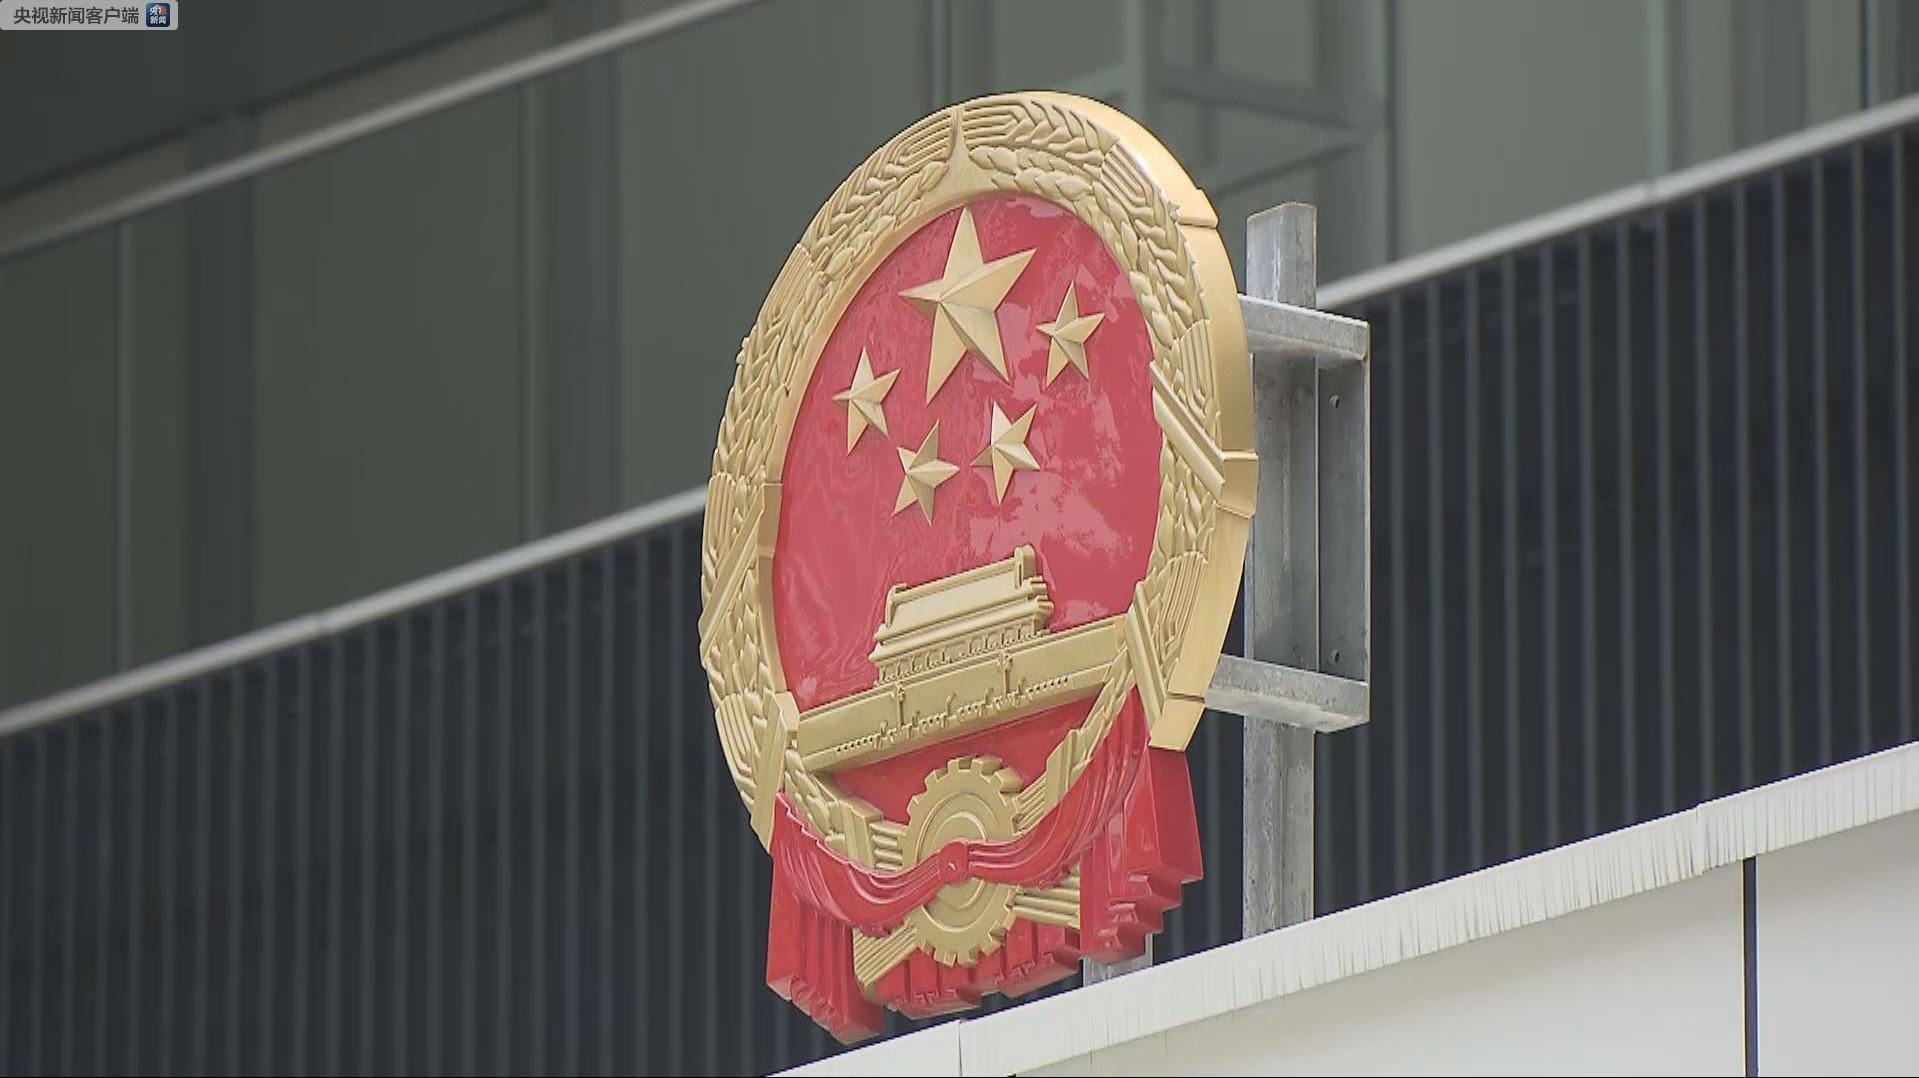 香港中联办副主任陈冬赴医院看望大埔公路交通事故伤者